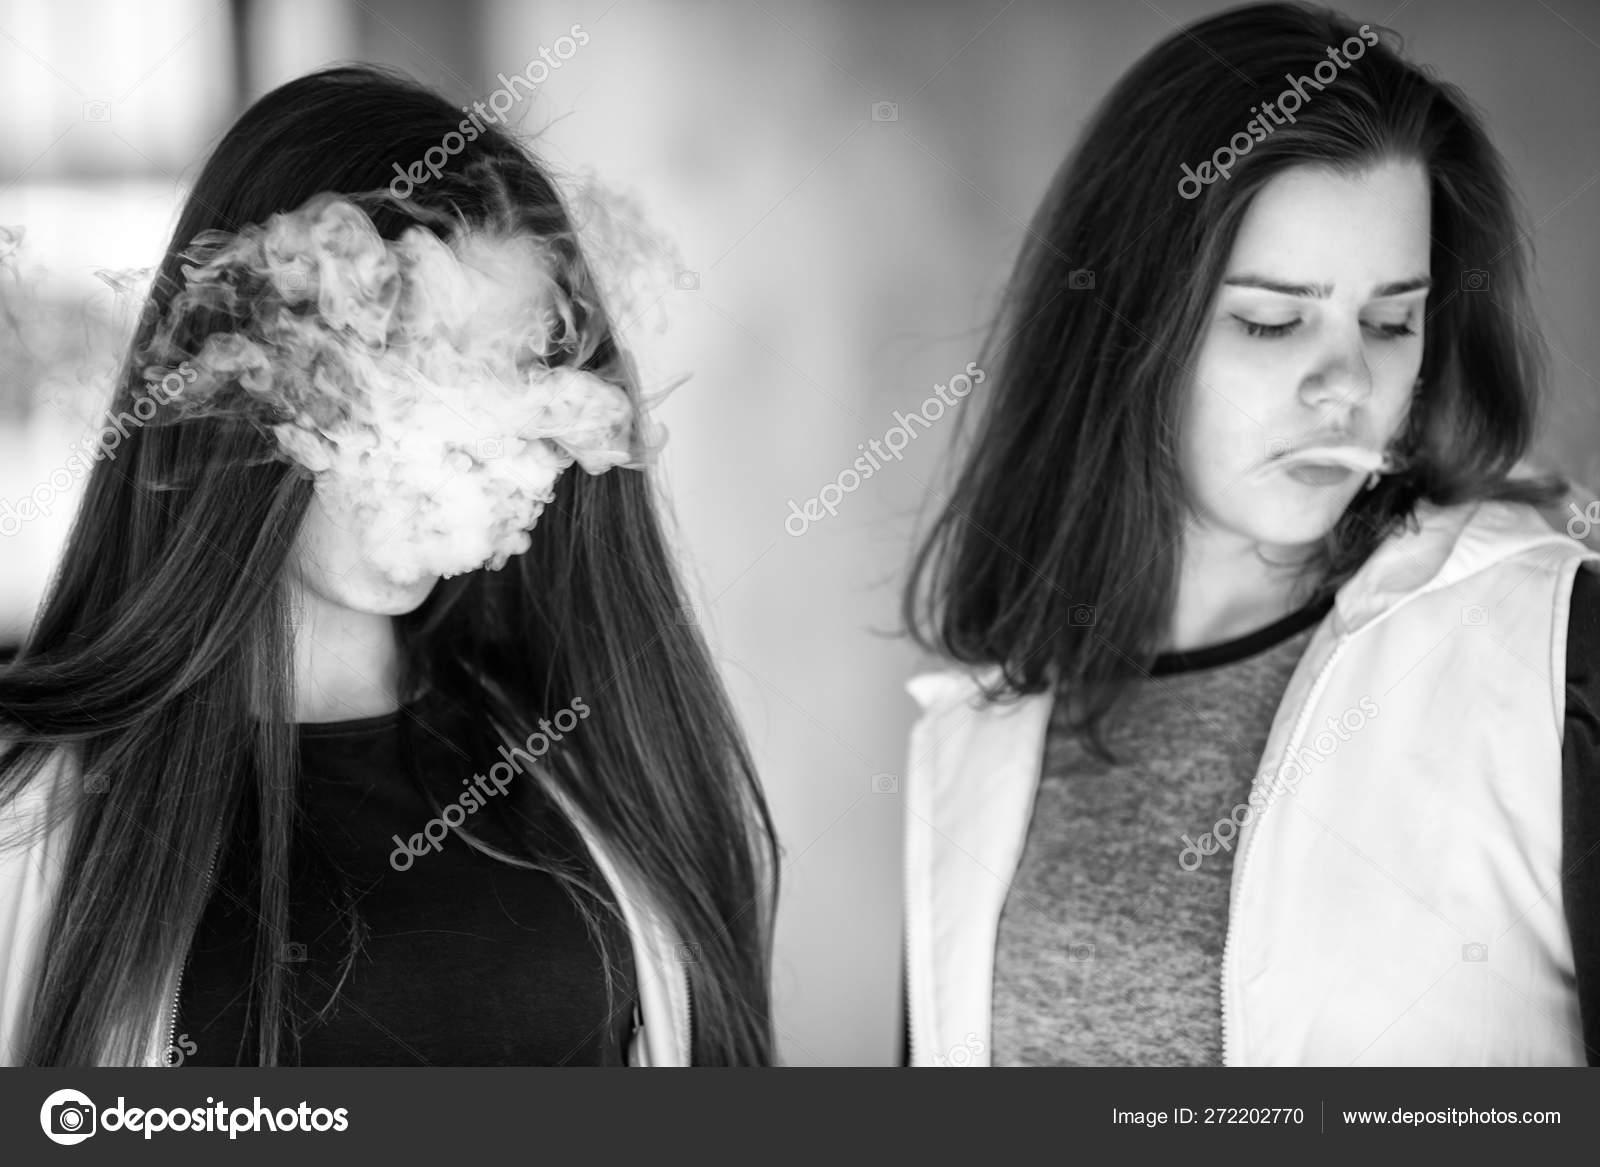 Ru young teen girls